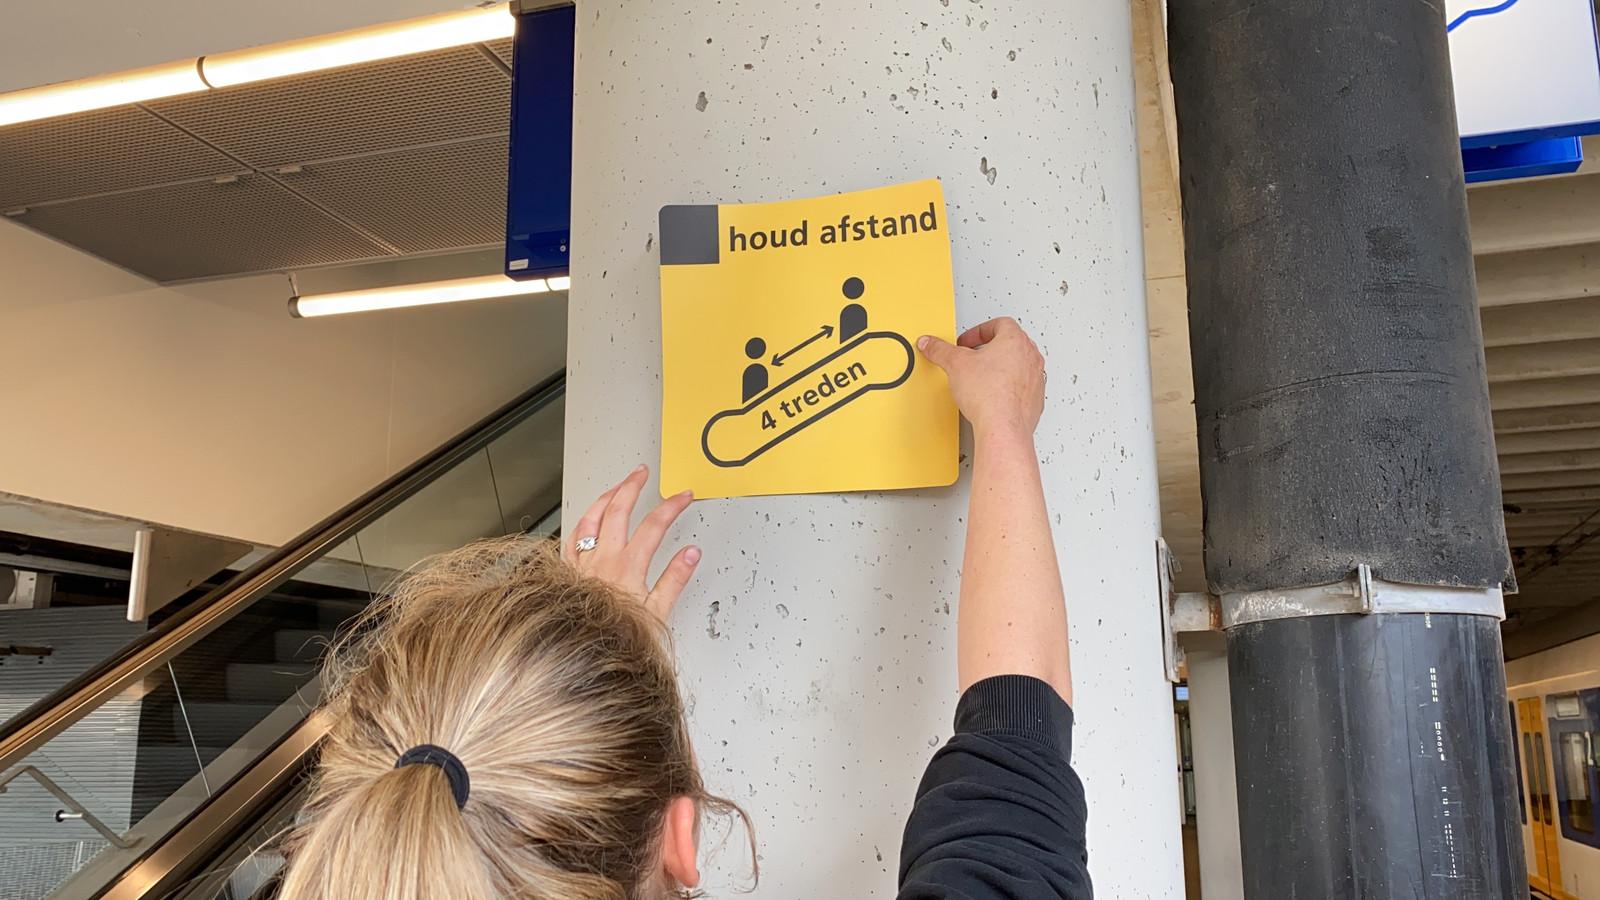 NS hoopt dat stickers en richtlijnen voldoende zijn voor reizigers om de anderhalve meter na te leven.